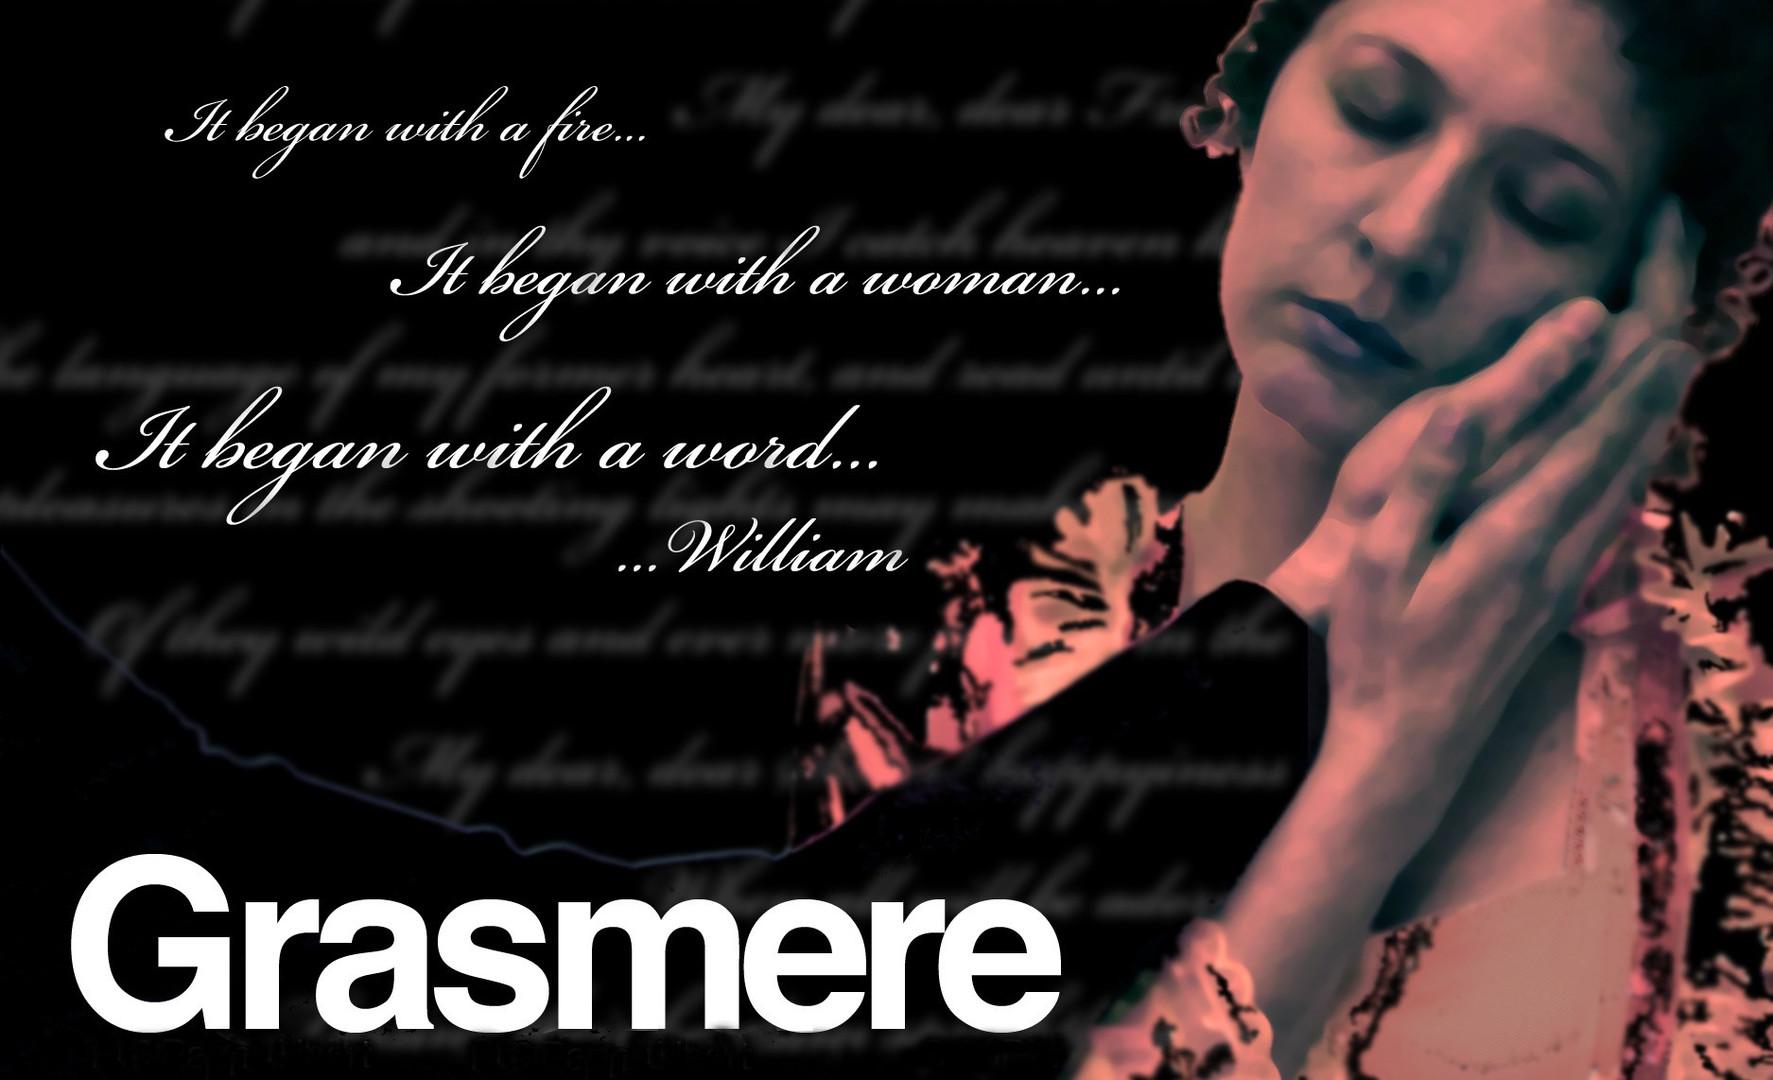 Grasmere written by Kristina Leach, directed by Noel Neeb. Cast: Rachel McKinney, Matthew Waterson, Brent Barnes, Maria Pallas.